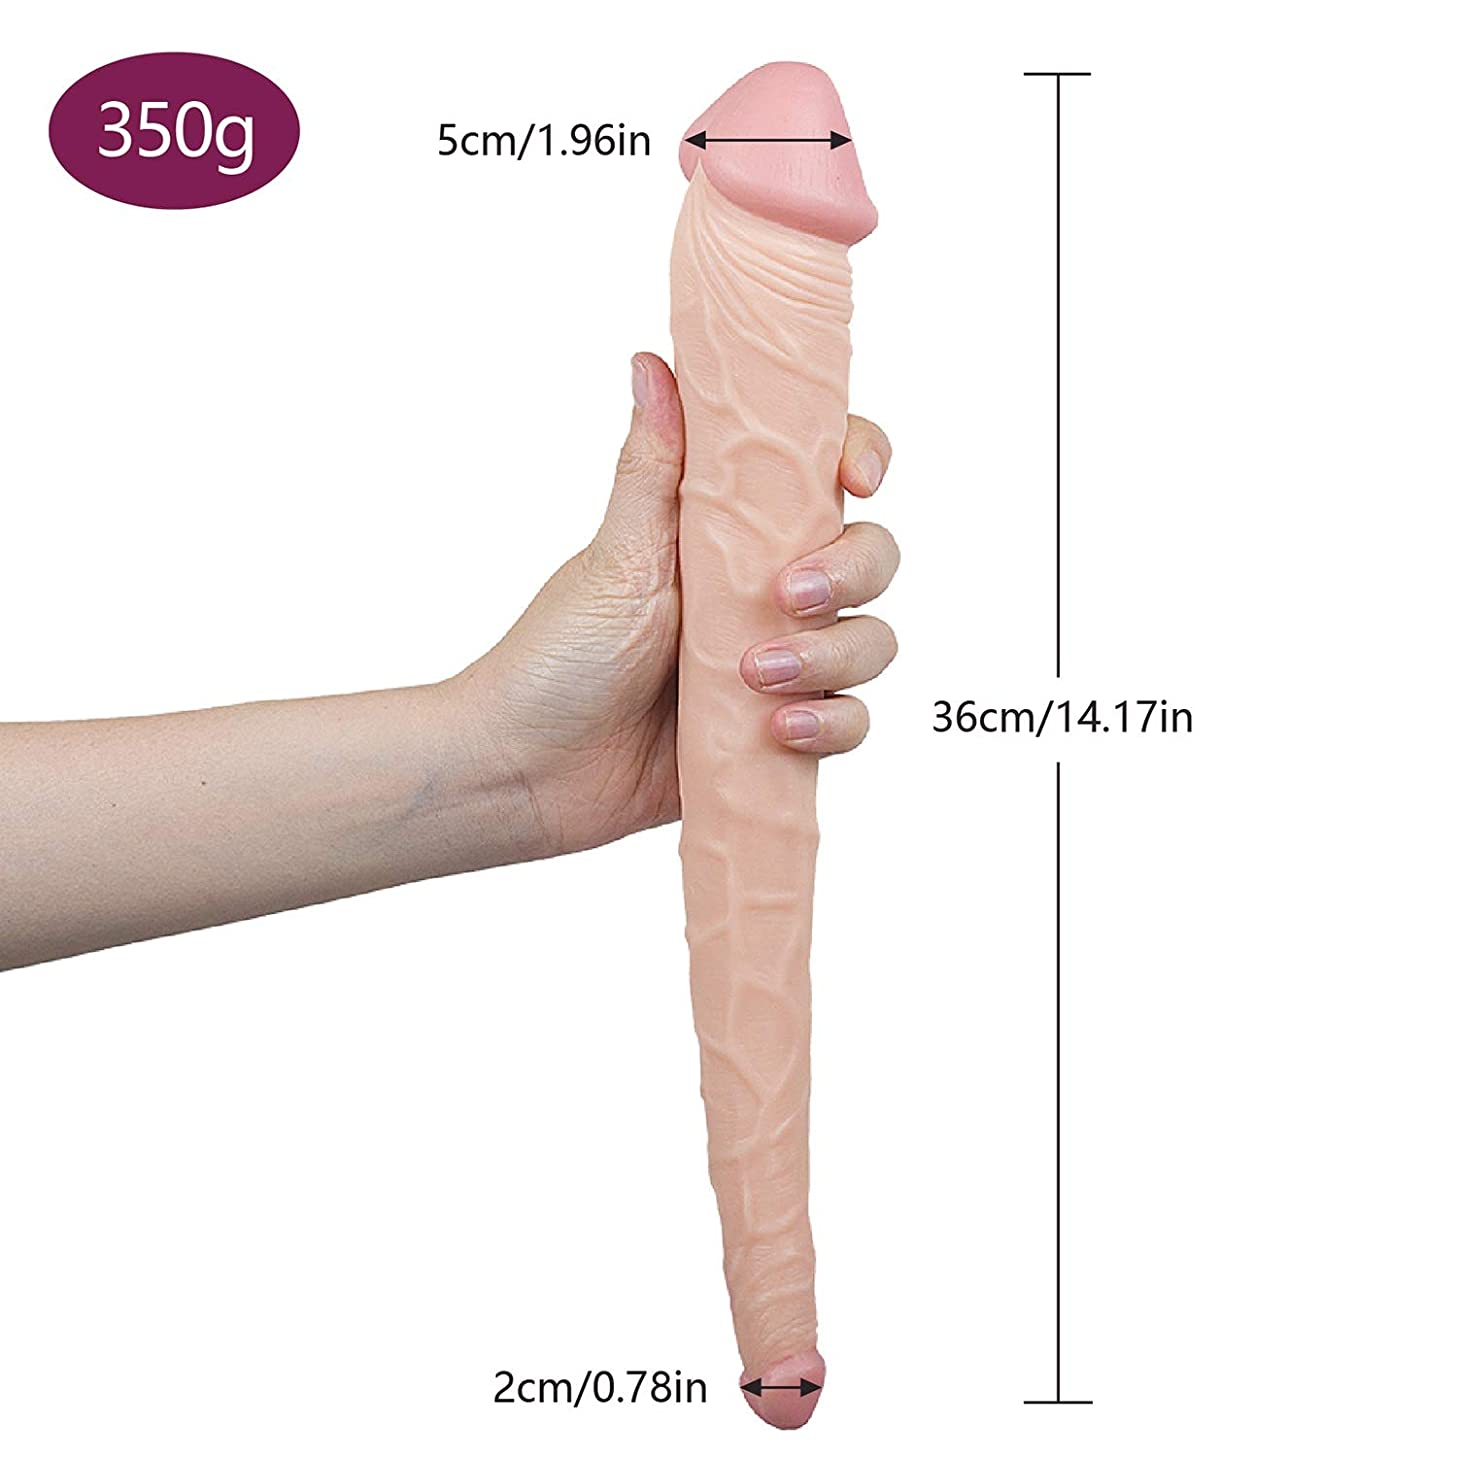 石鹸面恥RSZ-c 完璧なサイズの全身マッサージダブルヘッドマッサージダブルヘッドサイドマッサージグッズ